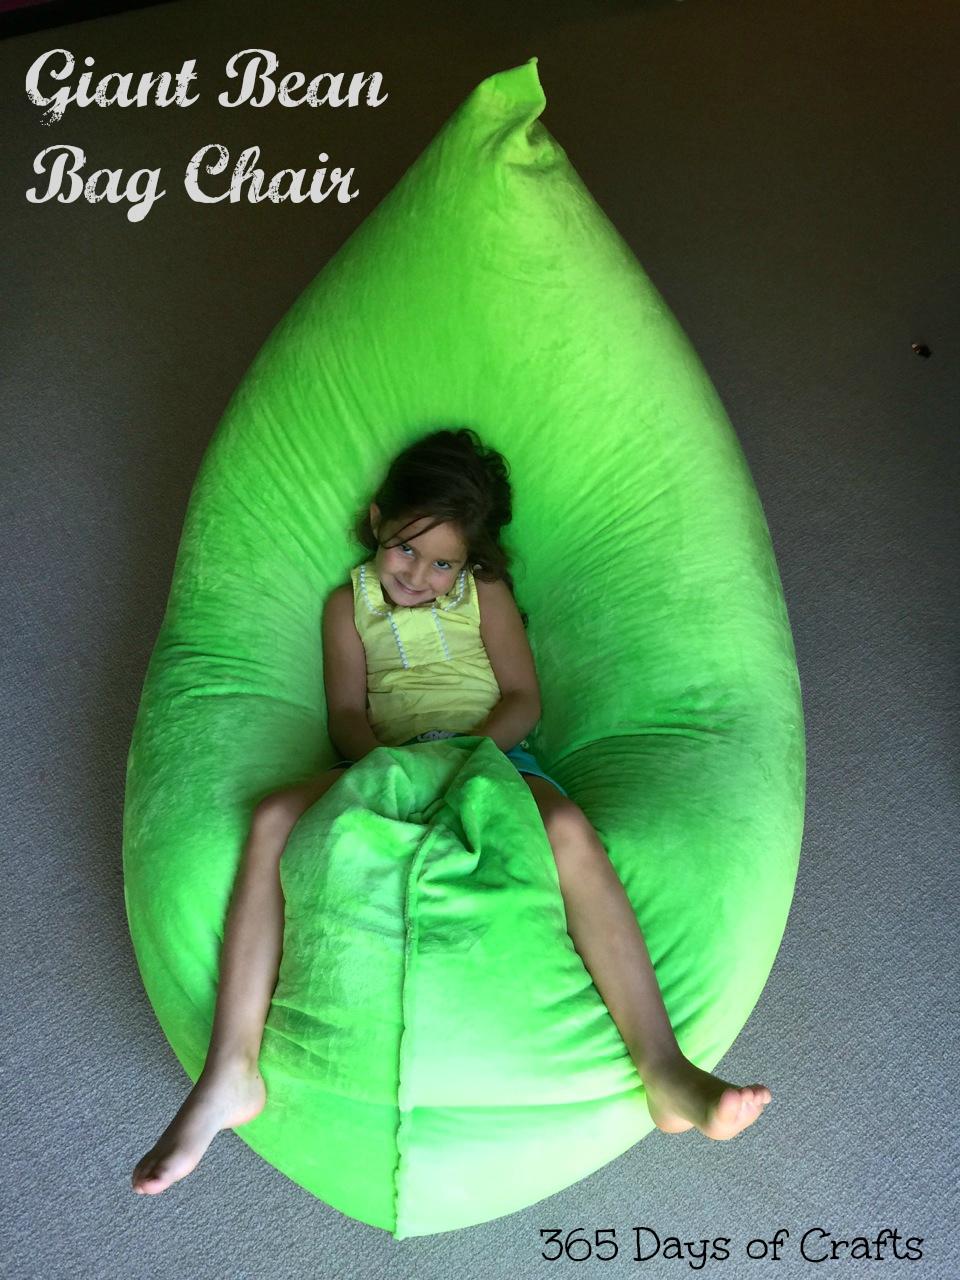 Giant Bean Bag Chair DIY